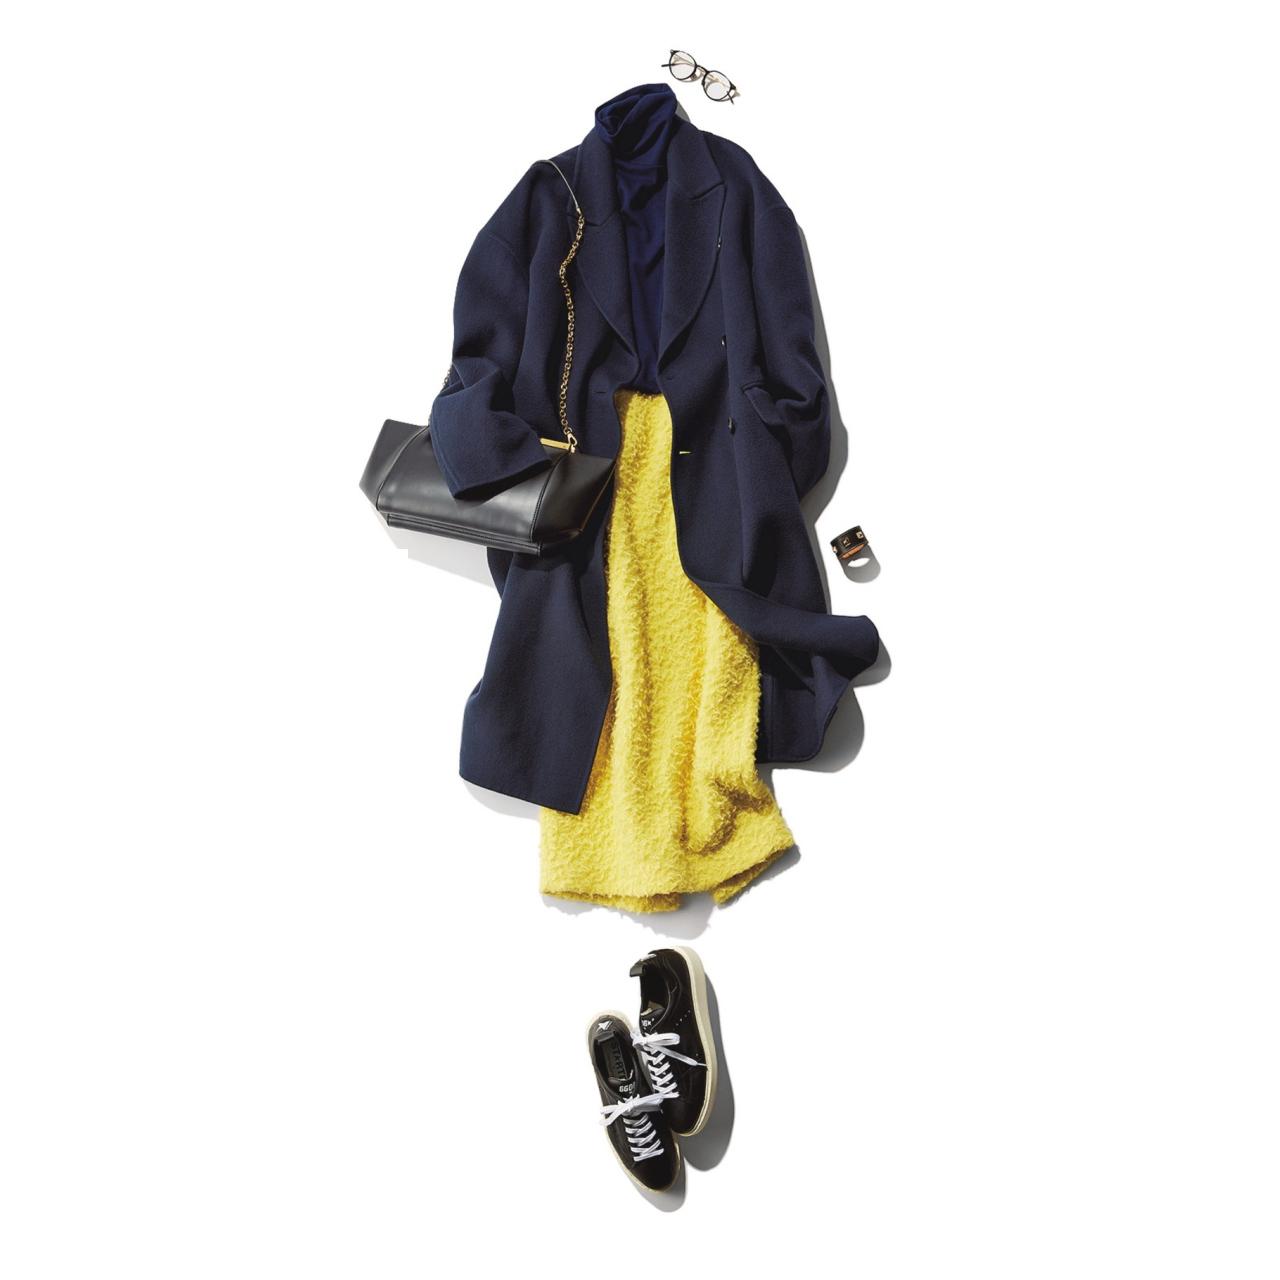 イエロースカート×ネイビーコート&スニーカーのファッションコーデ